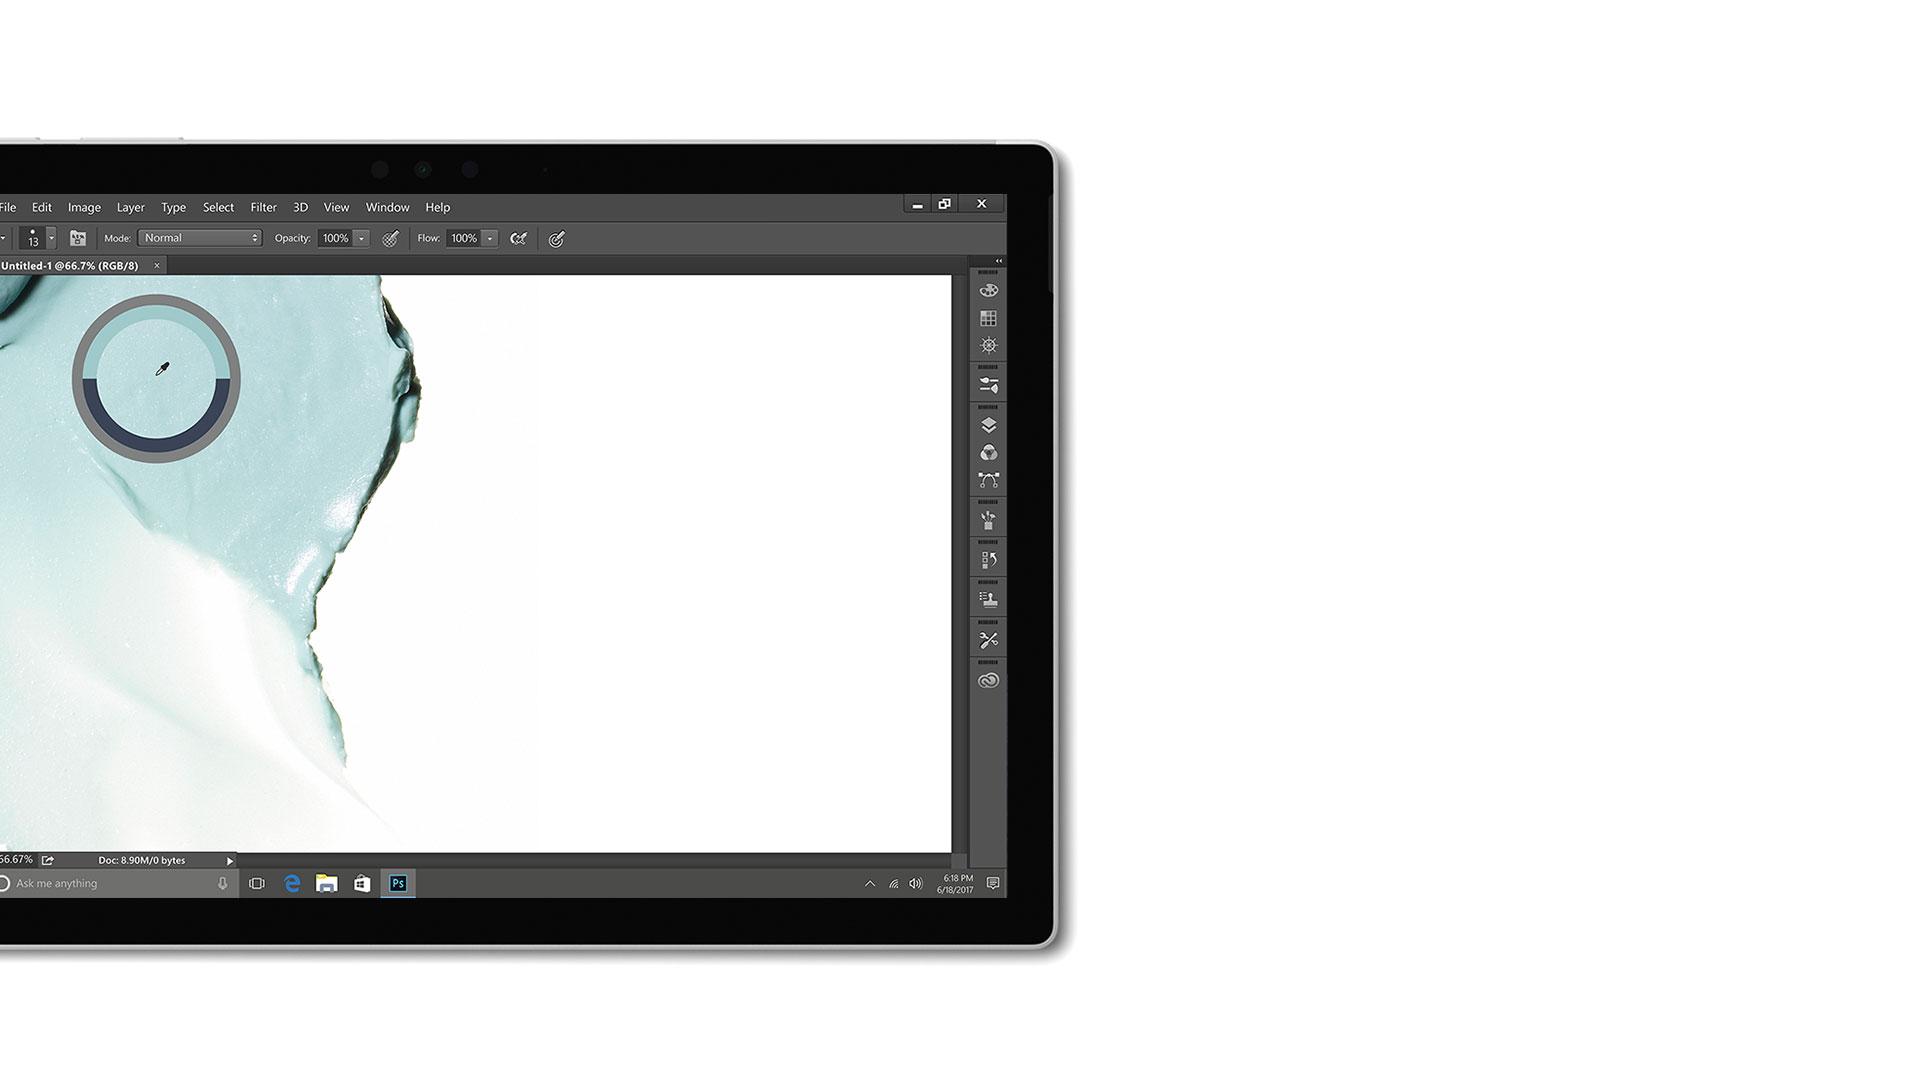 Bilde av brukergrensesnittet i Adobe Creative Cloud